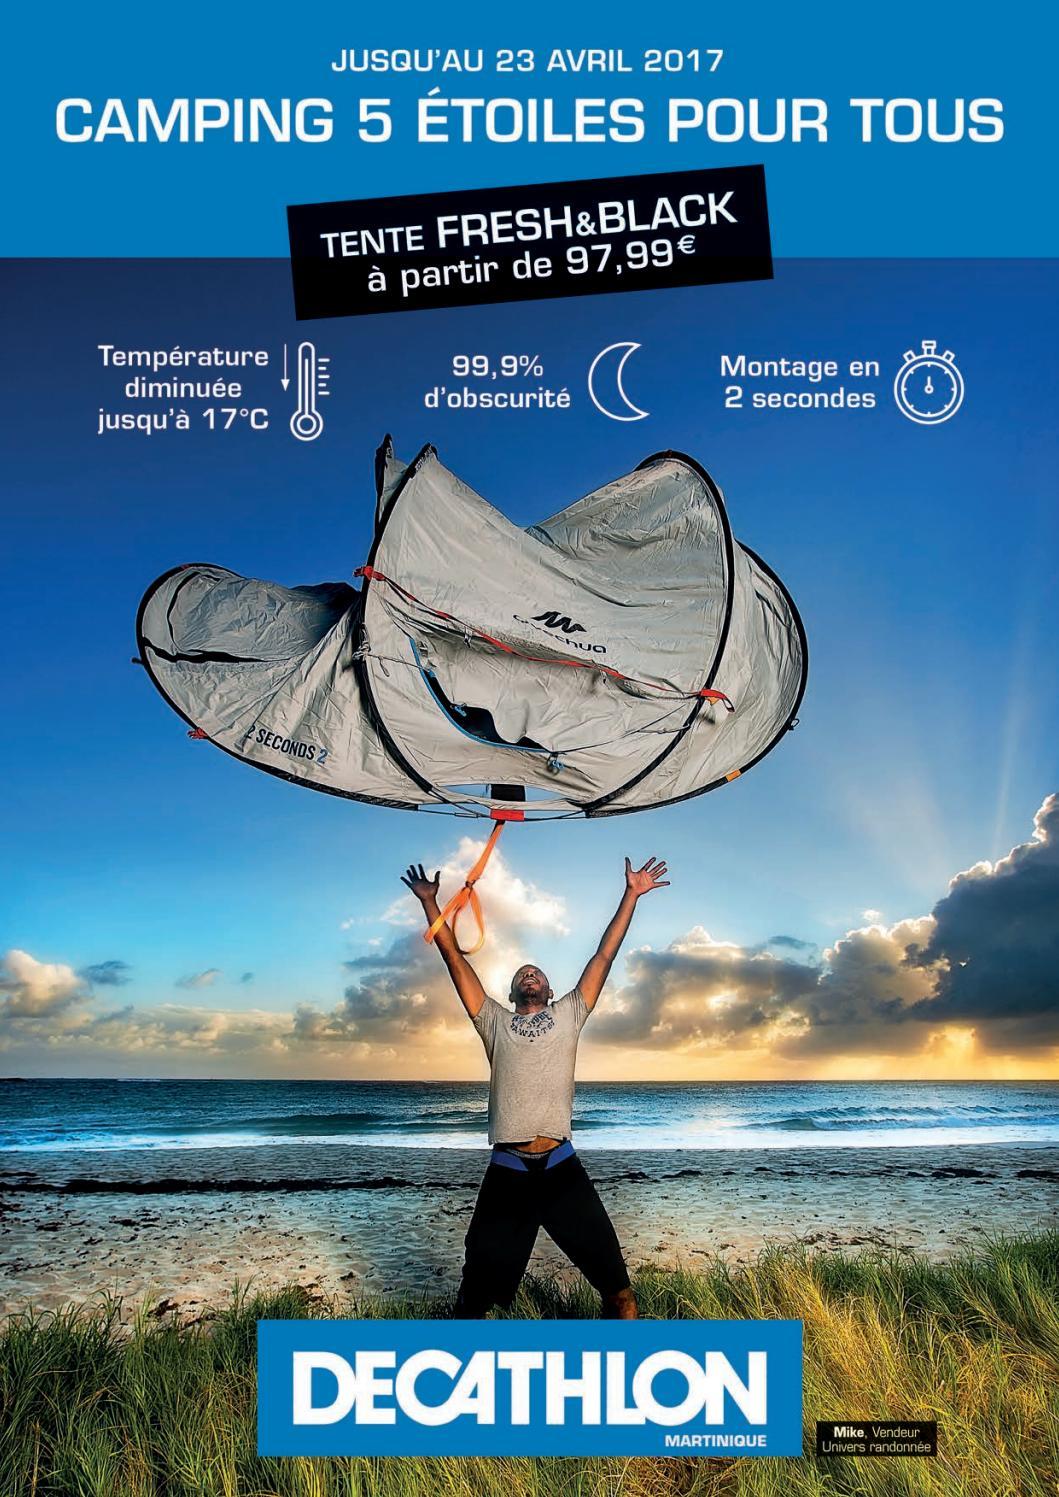 Decathlon Martinique Camping 5 Etoiles Jusquau 23